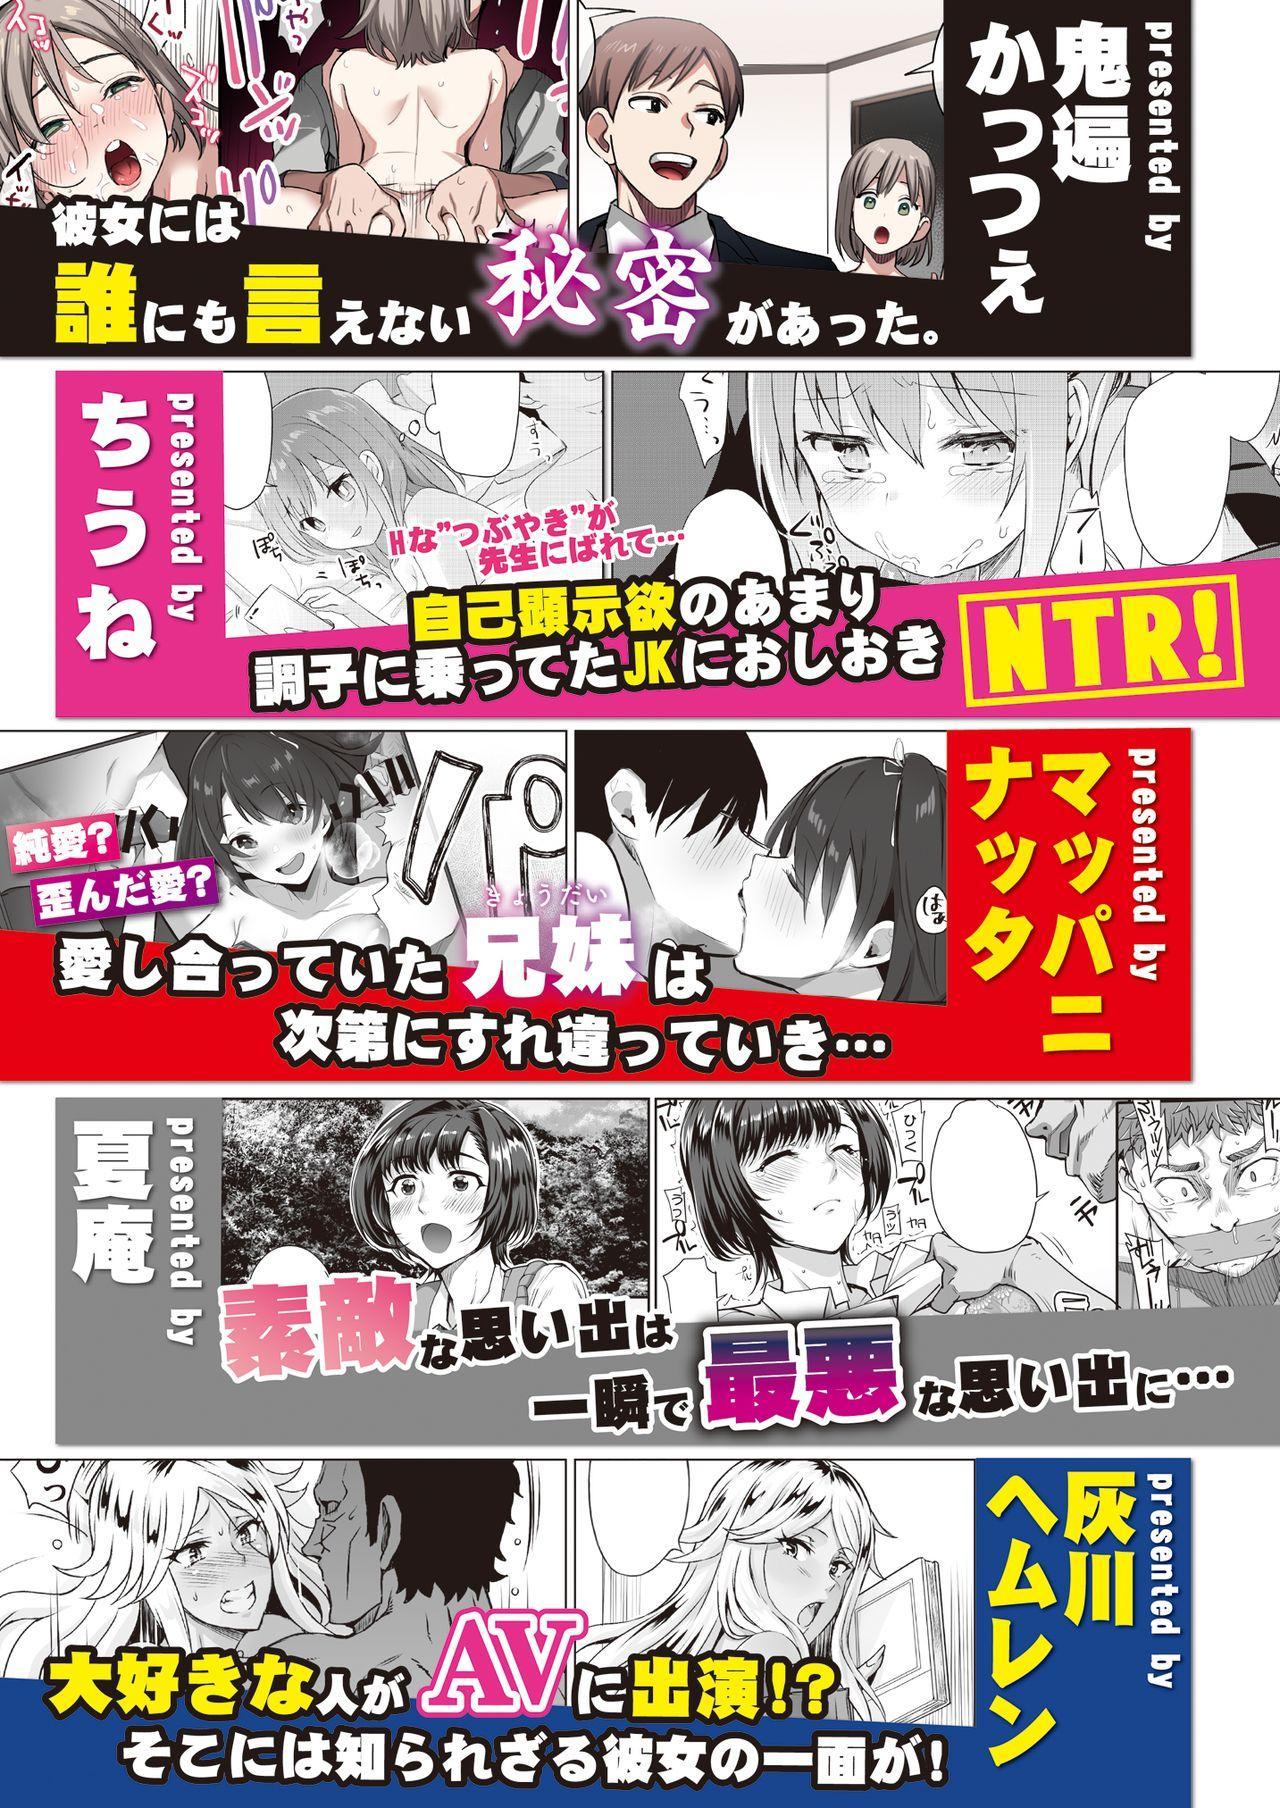 Toaru Site no Seiheki Ranking nite, Zennendai de NTR ga Bucchigiri 1-i Datta no de, Sara ni Ironna Onnanoko o Netotte Moraimashita!! 89